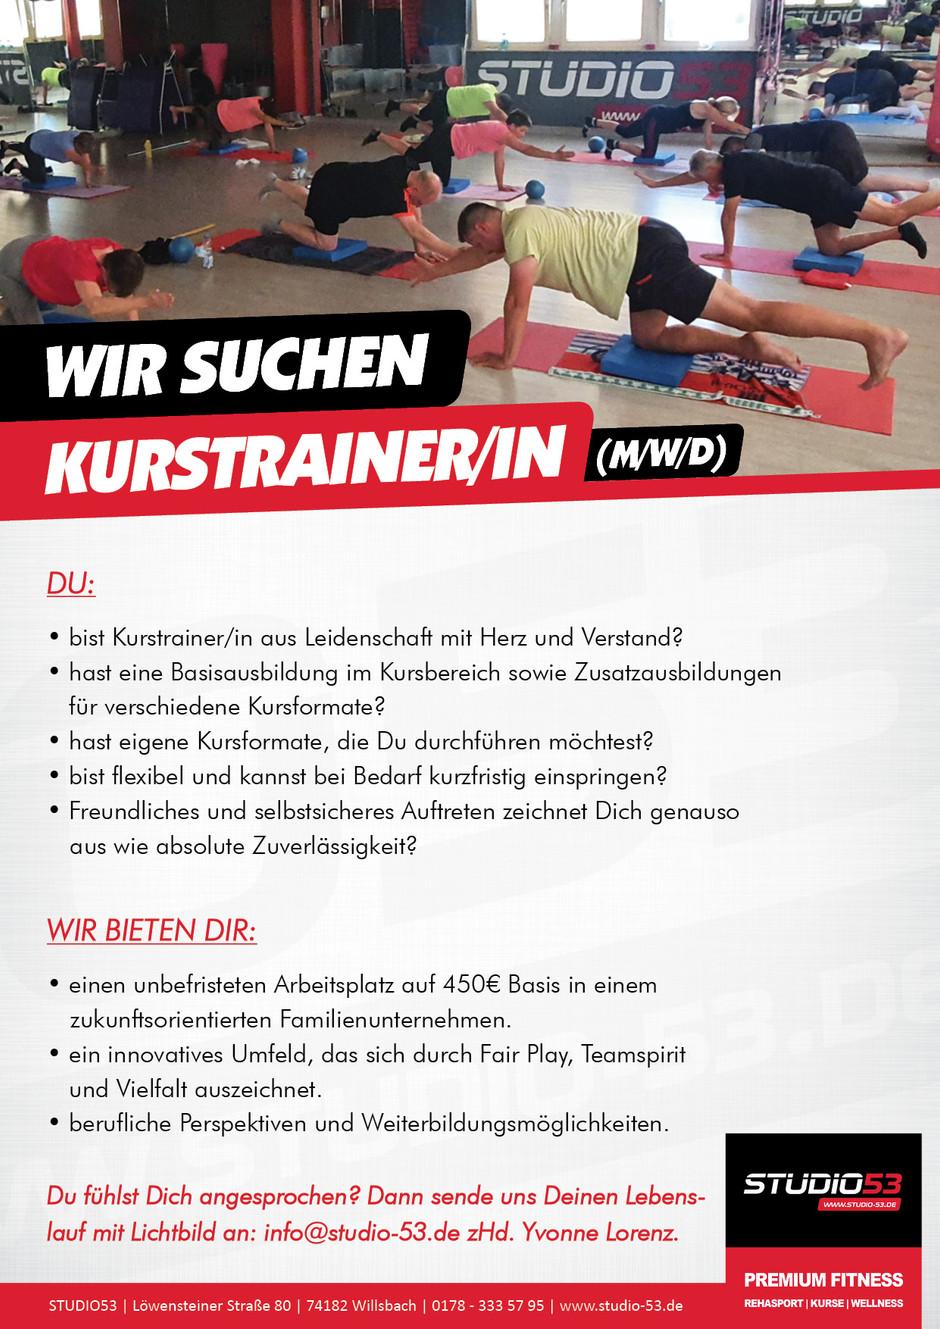 07-21 Kurstrainer_in gesucht.jpg